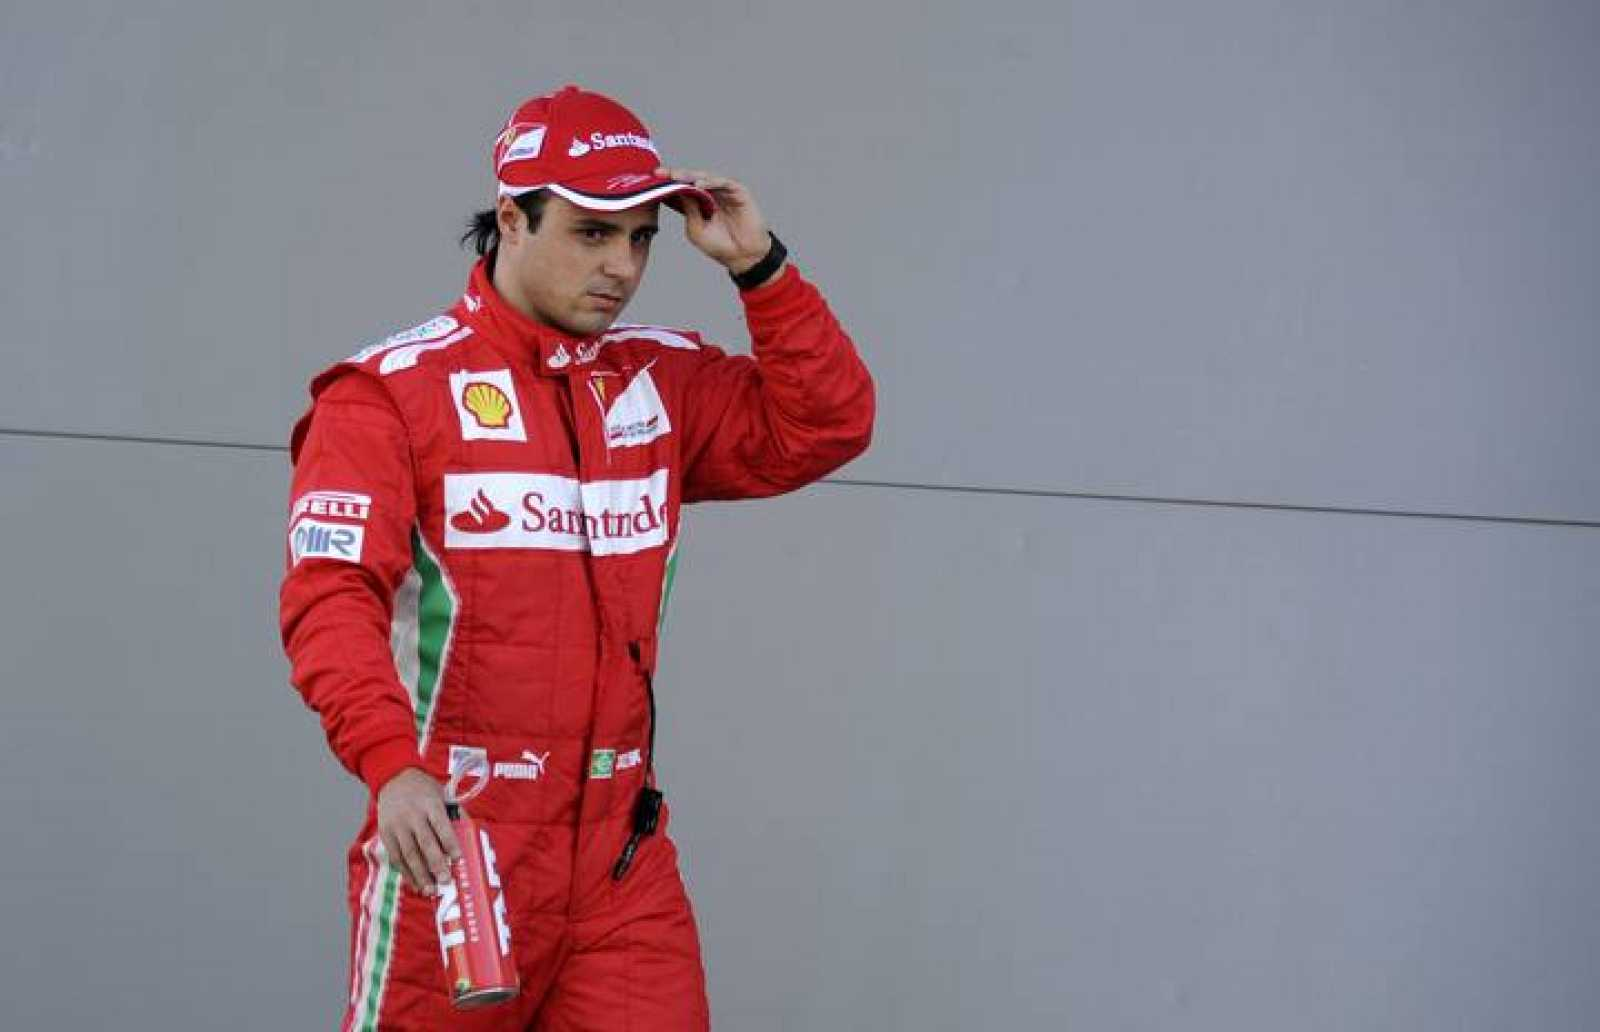 Felipe Massa, piloto de Ferrari